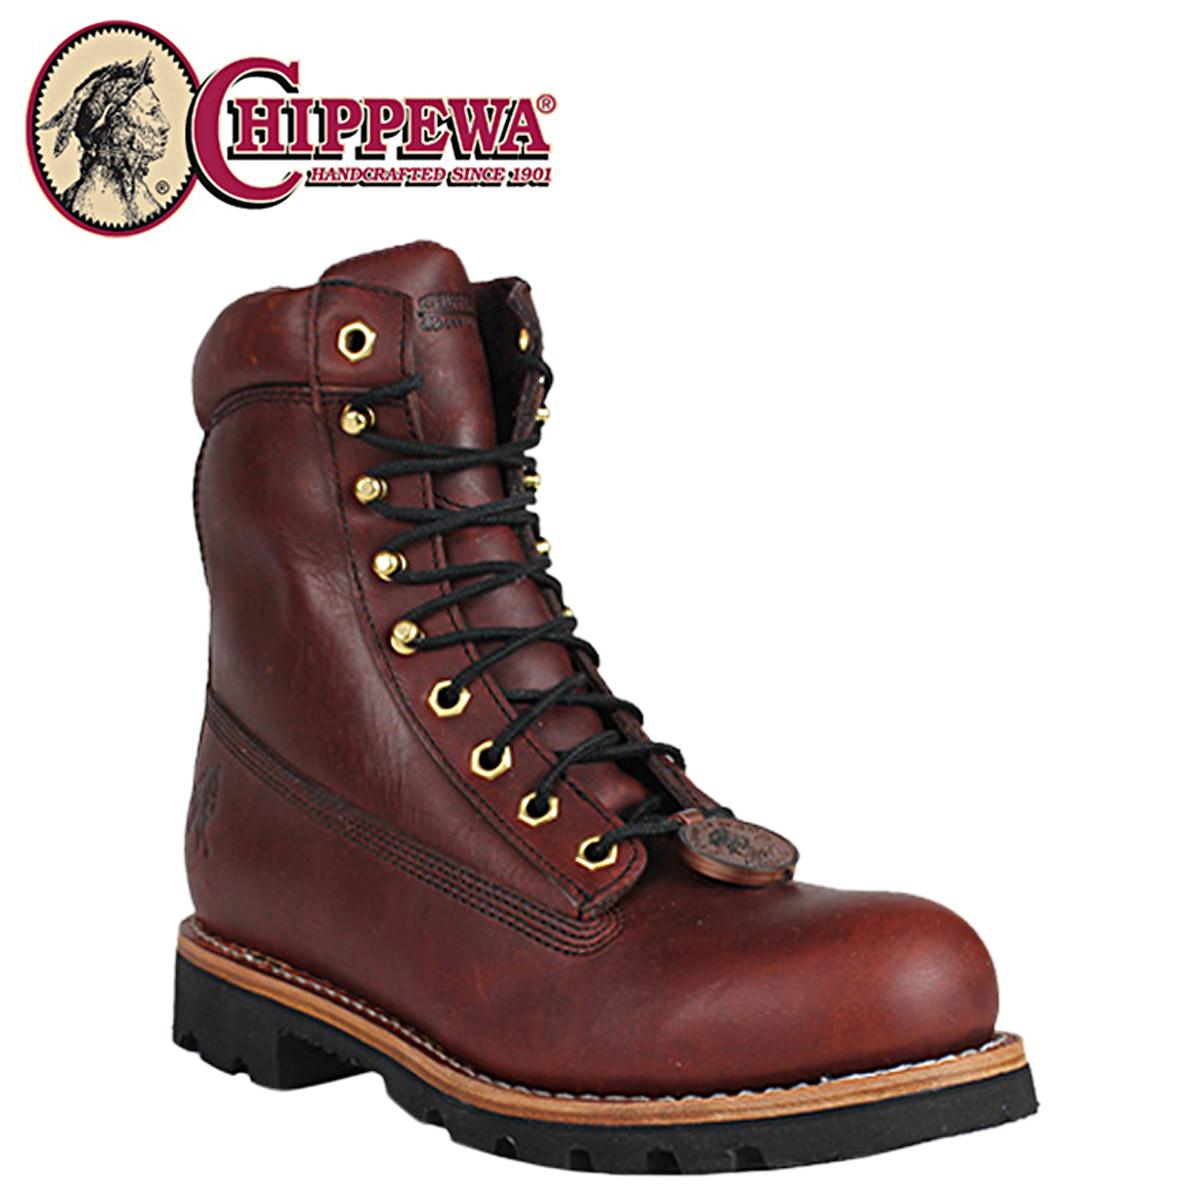 奇珀瓦奇珀瓦花边靴 [红木] 72007 8 红色木钢脚趾 M 明智皮革男装